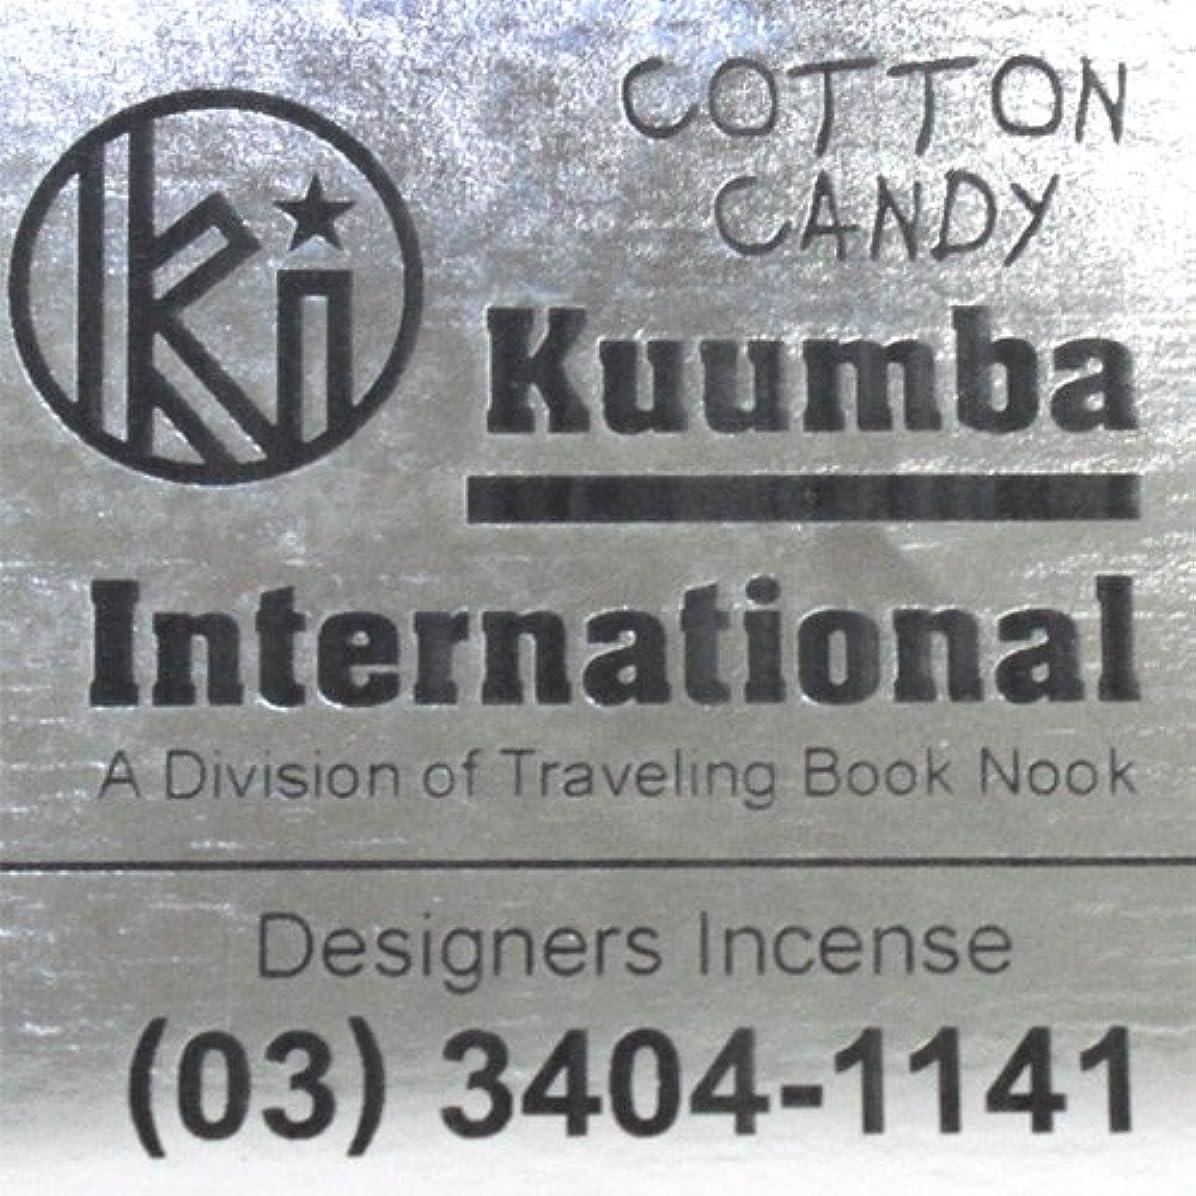 ヘルメット毒忘れっぽいKUUMBA / クンバ『incense』(COTTON CANDY) (Regular size)